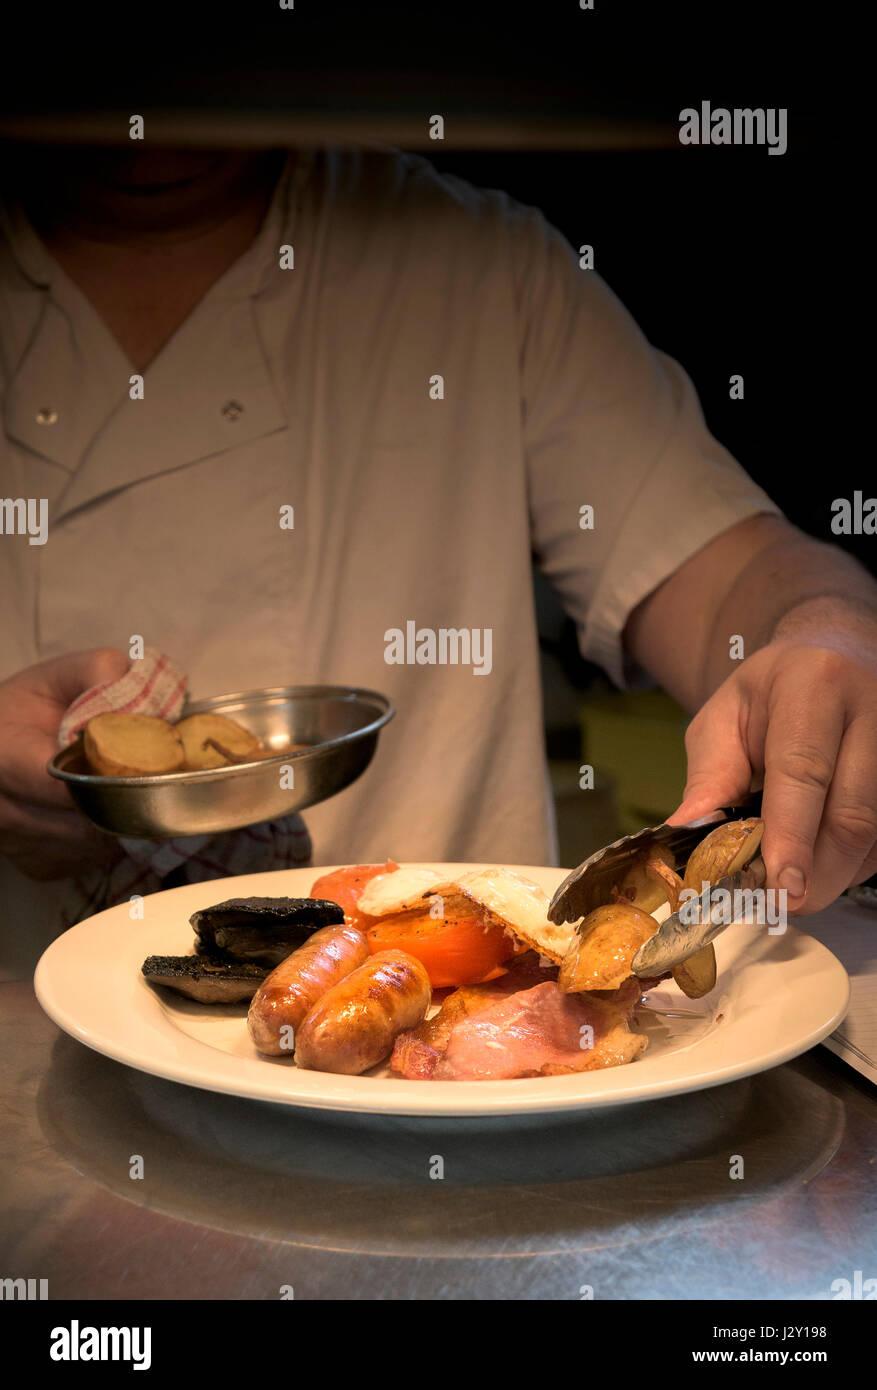 Restaurant Koch Lebensmittelzubereitung Full English Breakfast Fry gekochtes Frühstück Küche gegrillt Stockbild